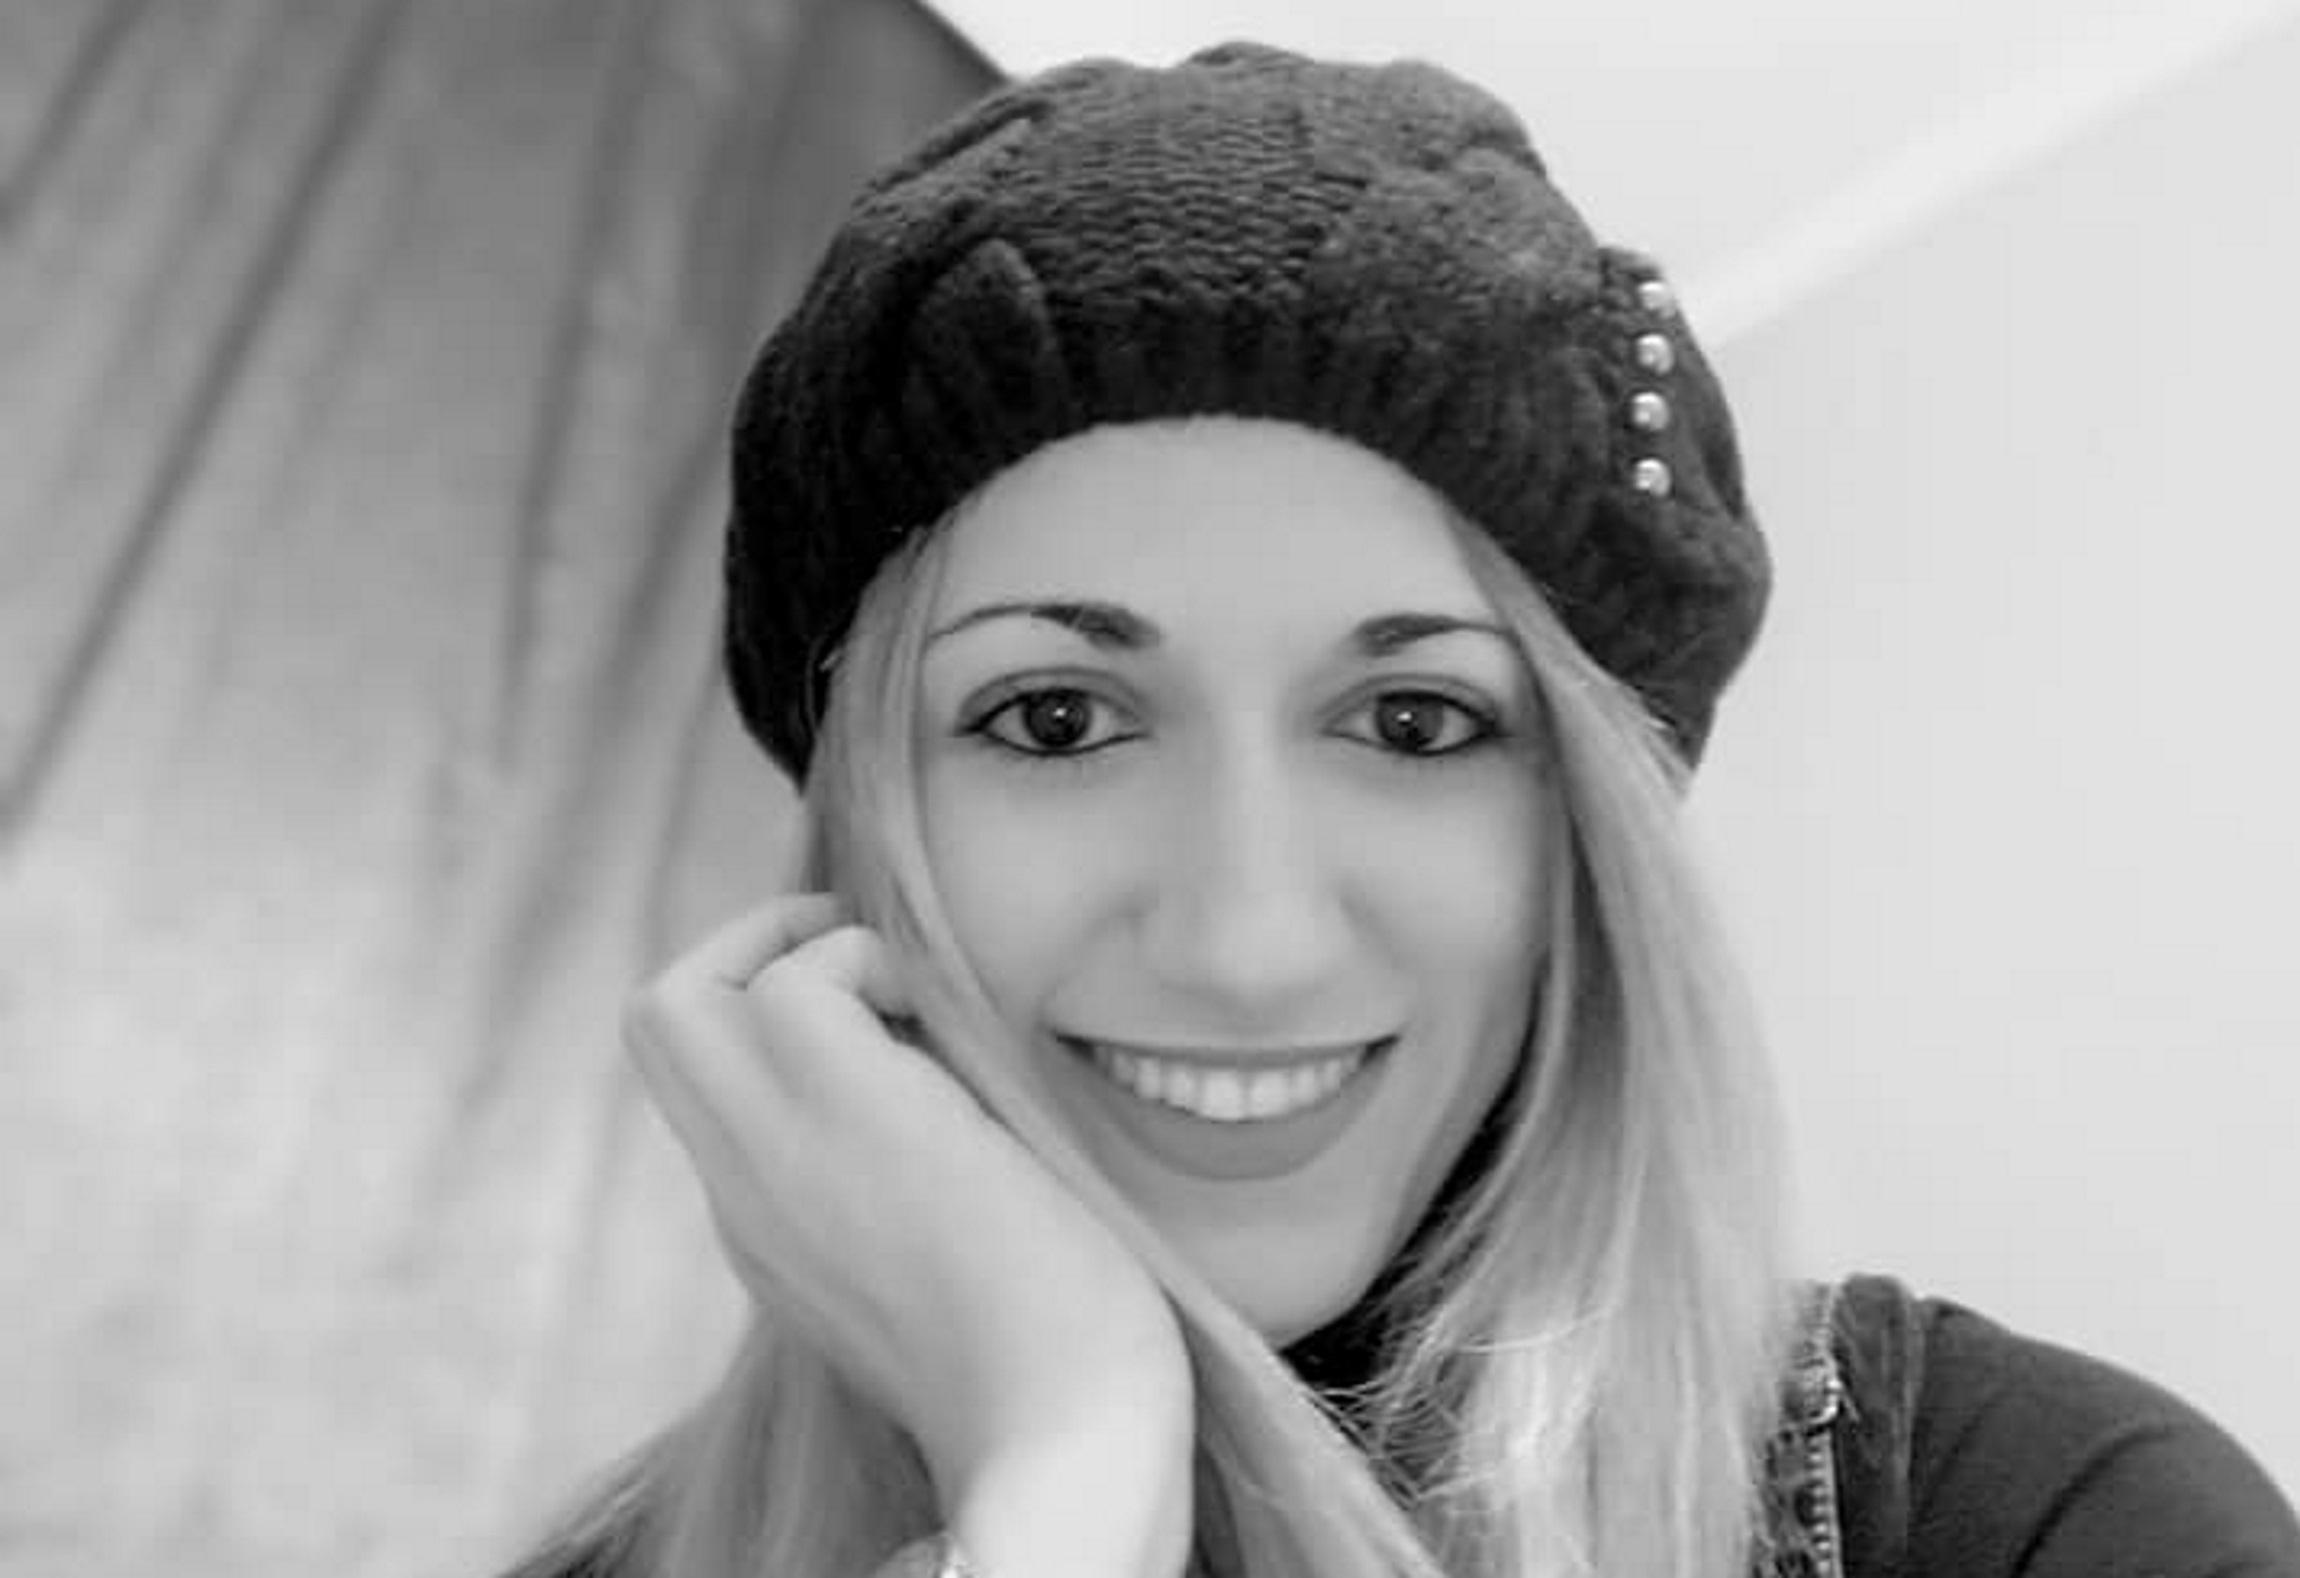 Γυναικοκτονία στη Ρόδο: «Ούτε να βλέπει τηλεόραση μόνη της»! Οι αποκαλύψεις των γονιών της Ντόρας